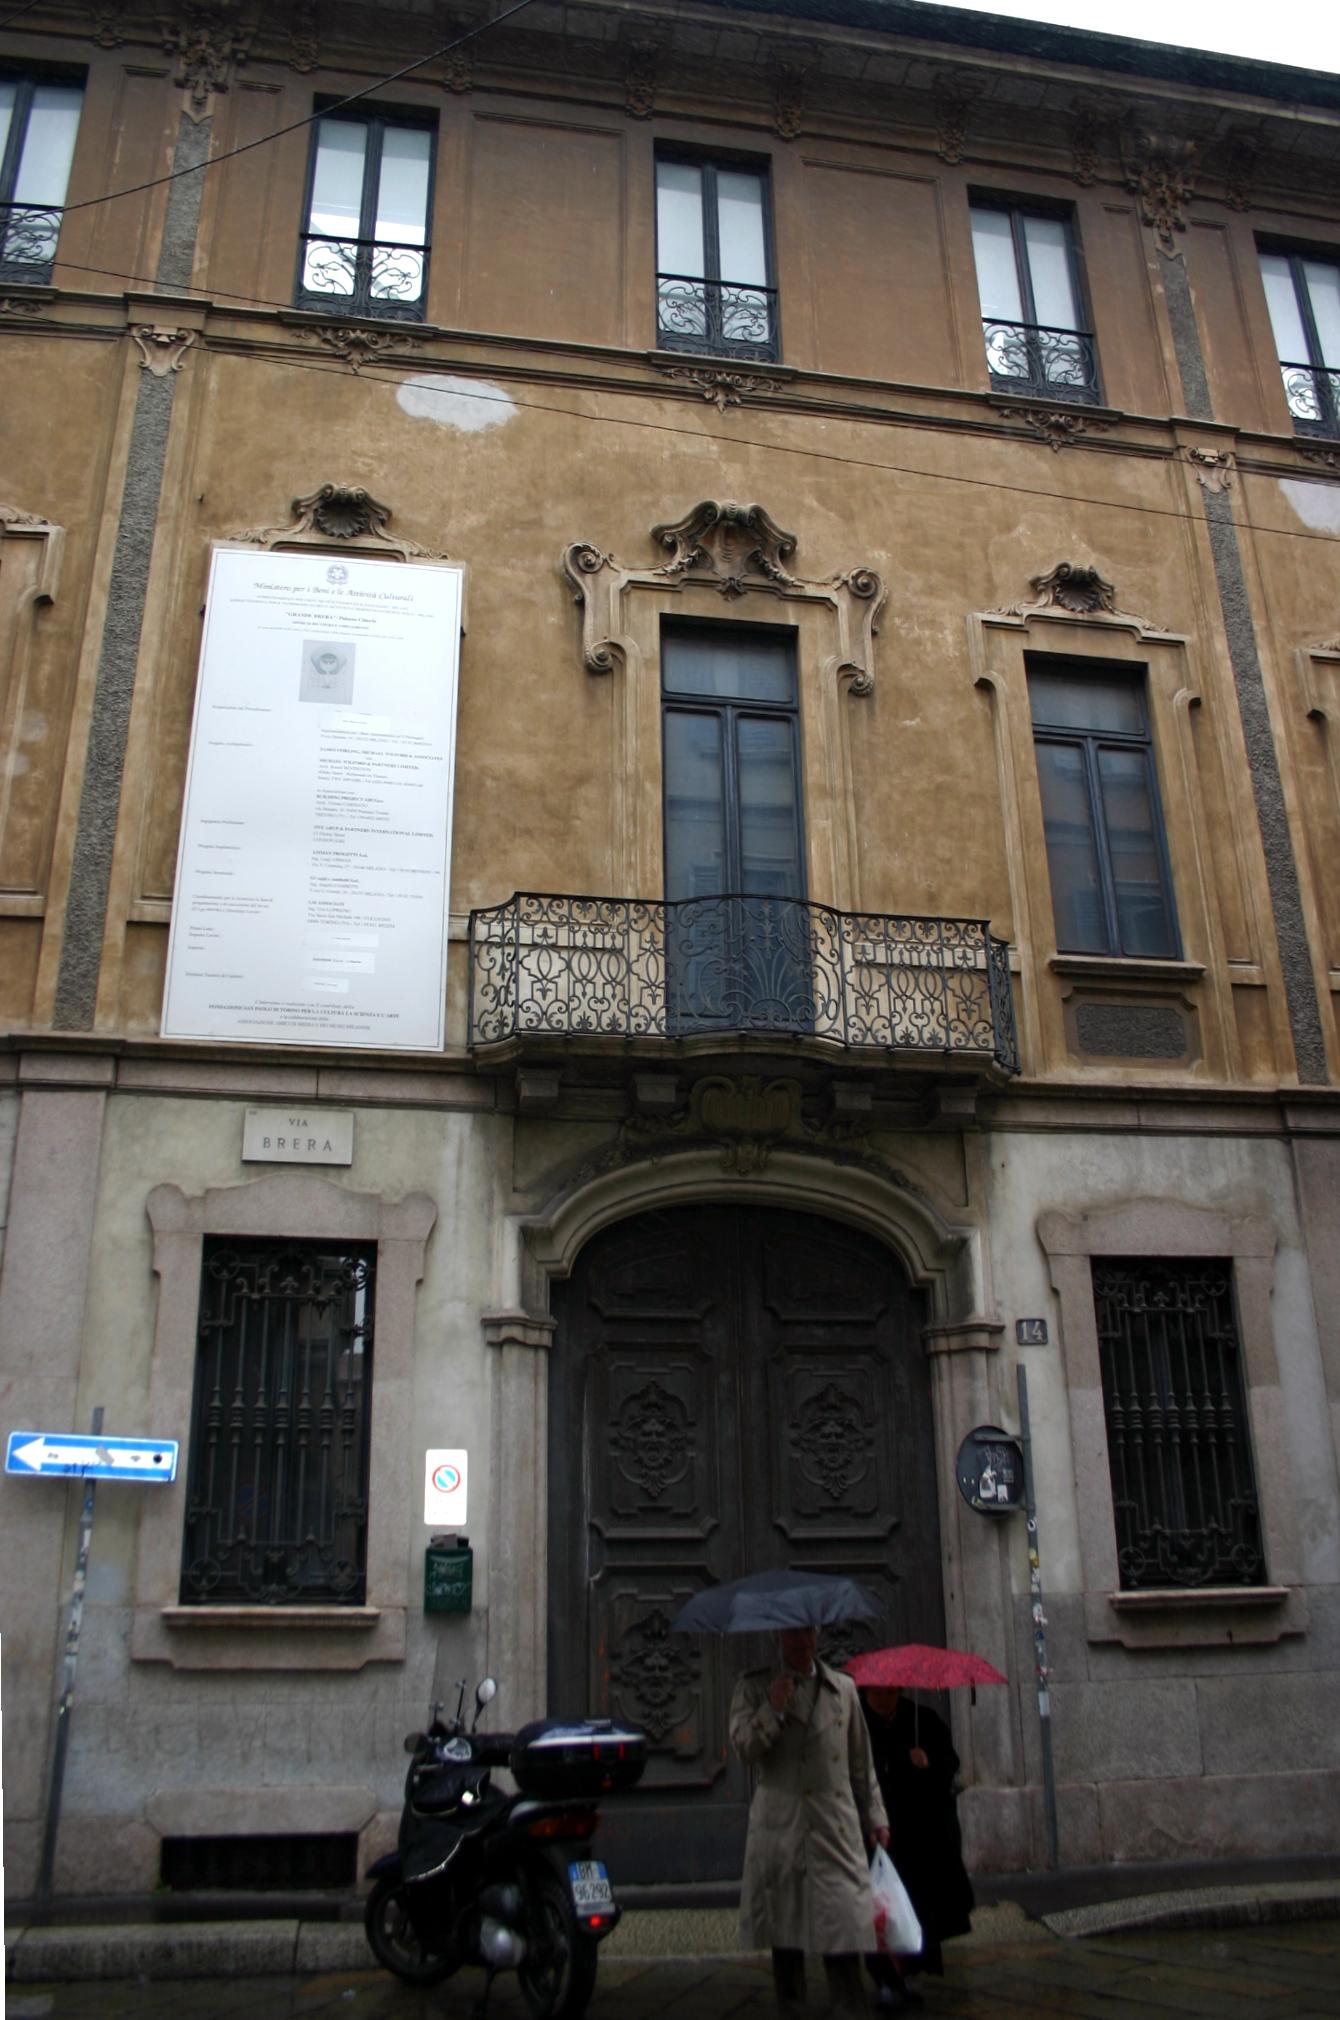 Milano Palazzo citterio Brera